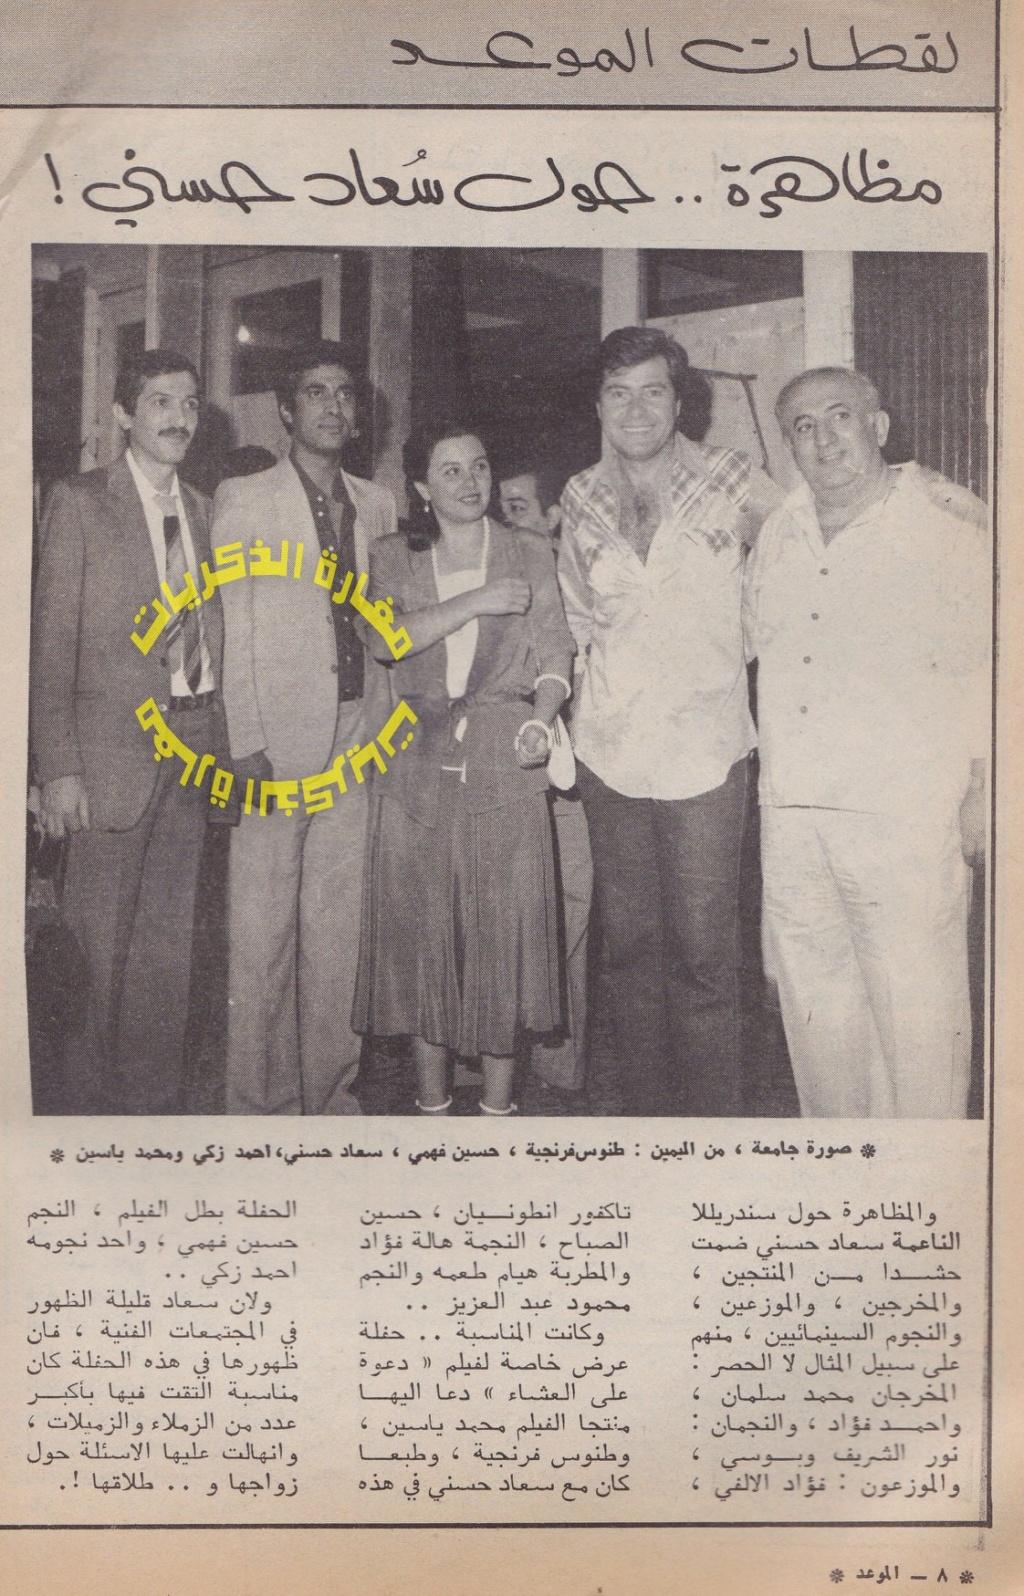 خبر صحفي : مظاهرة .. حول سعاد حسني ! 1981 م 130